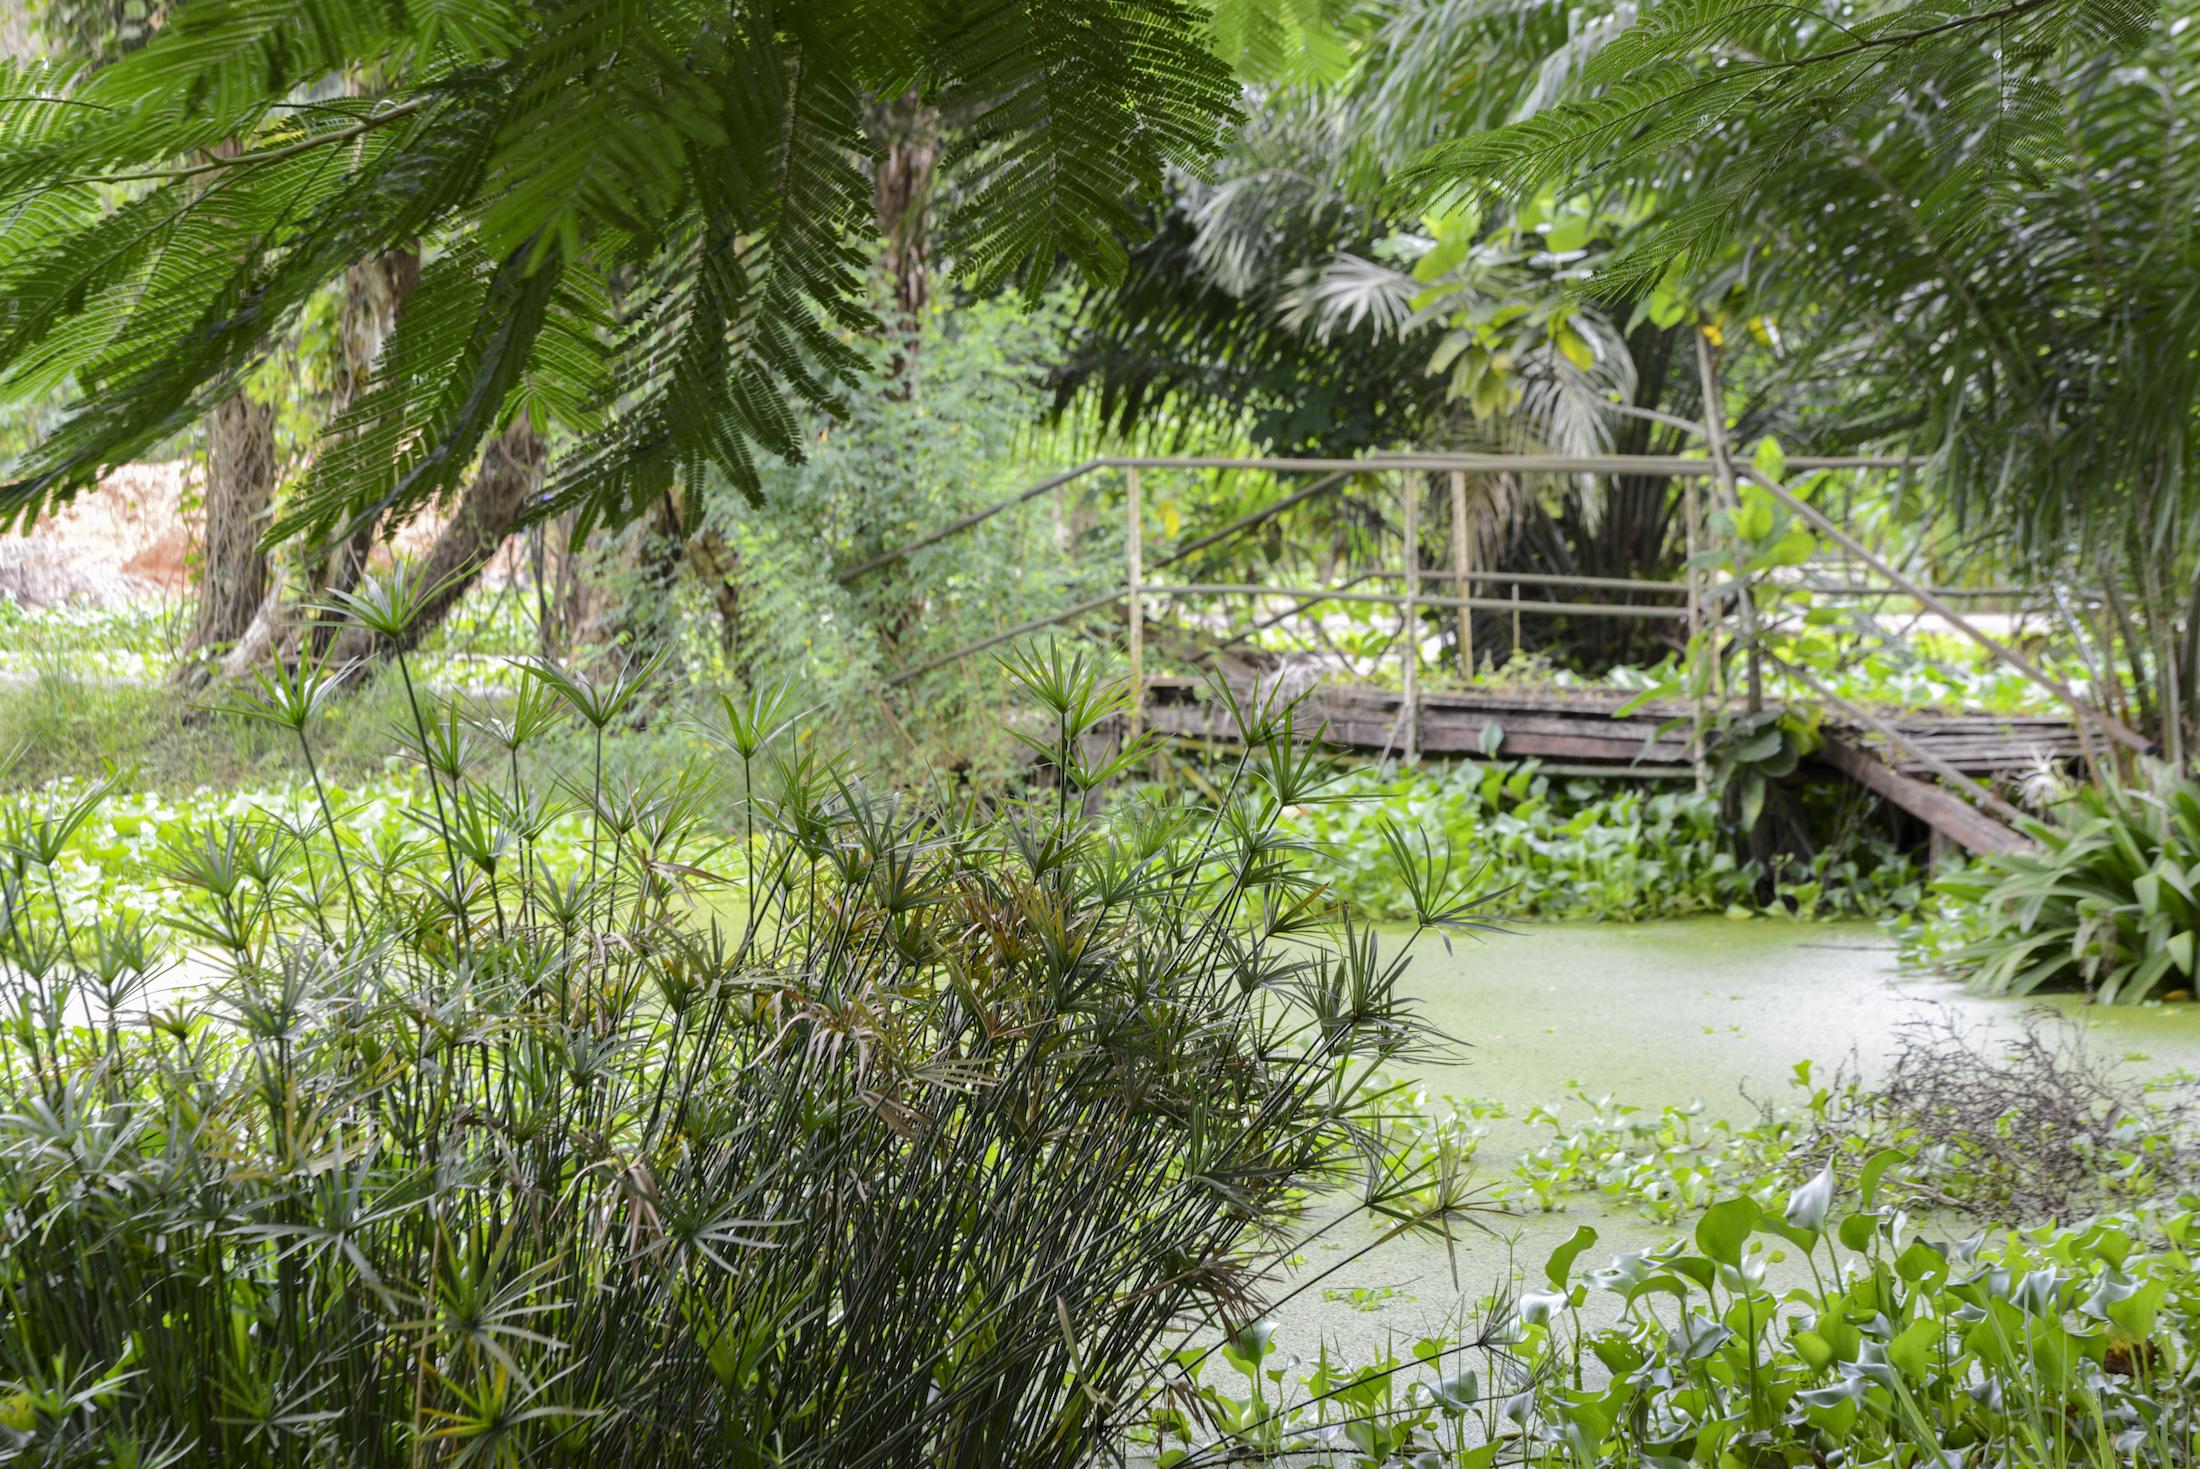 Le parc de l'Hôtel du Parc